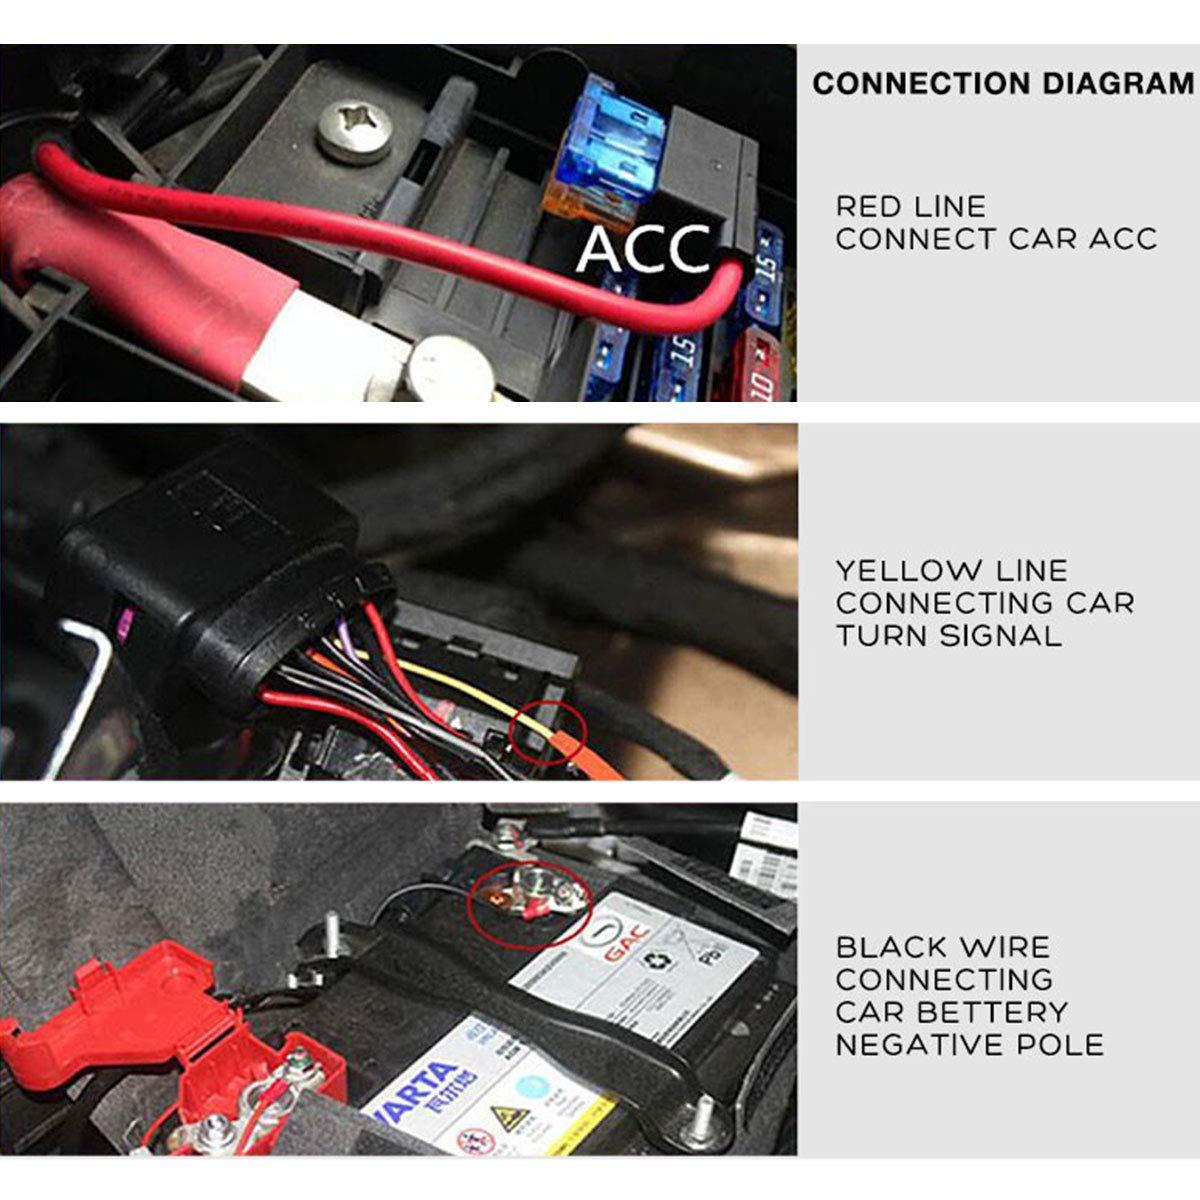 2x Ultrafino DRL 30 45 60 Cm Luz De Circulaci/óN Diurna Gu/íA De Tubo Flexible Flexible Coche Tira De LED Impermeable Y Brightnes L/áGrimas L/áGrima Luz De Conducci/óN Diurna De LED Ojo De /áNgel Faro Del